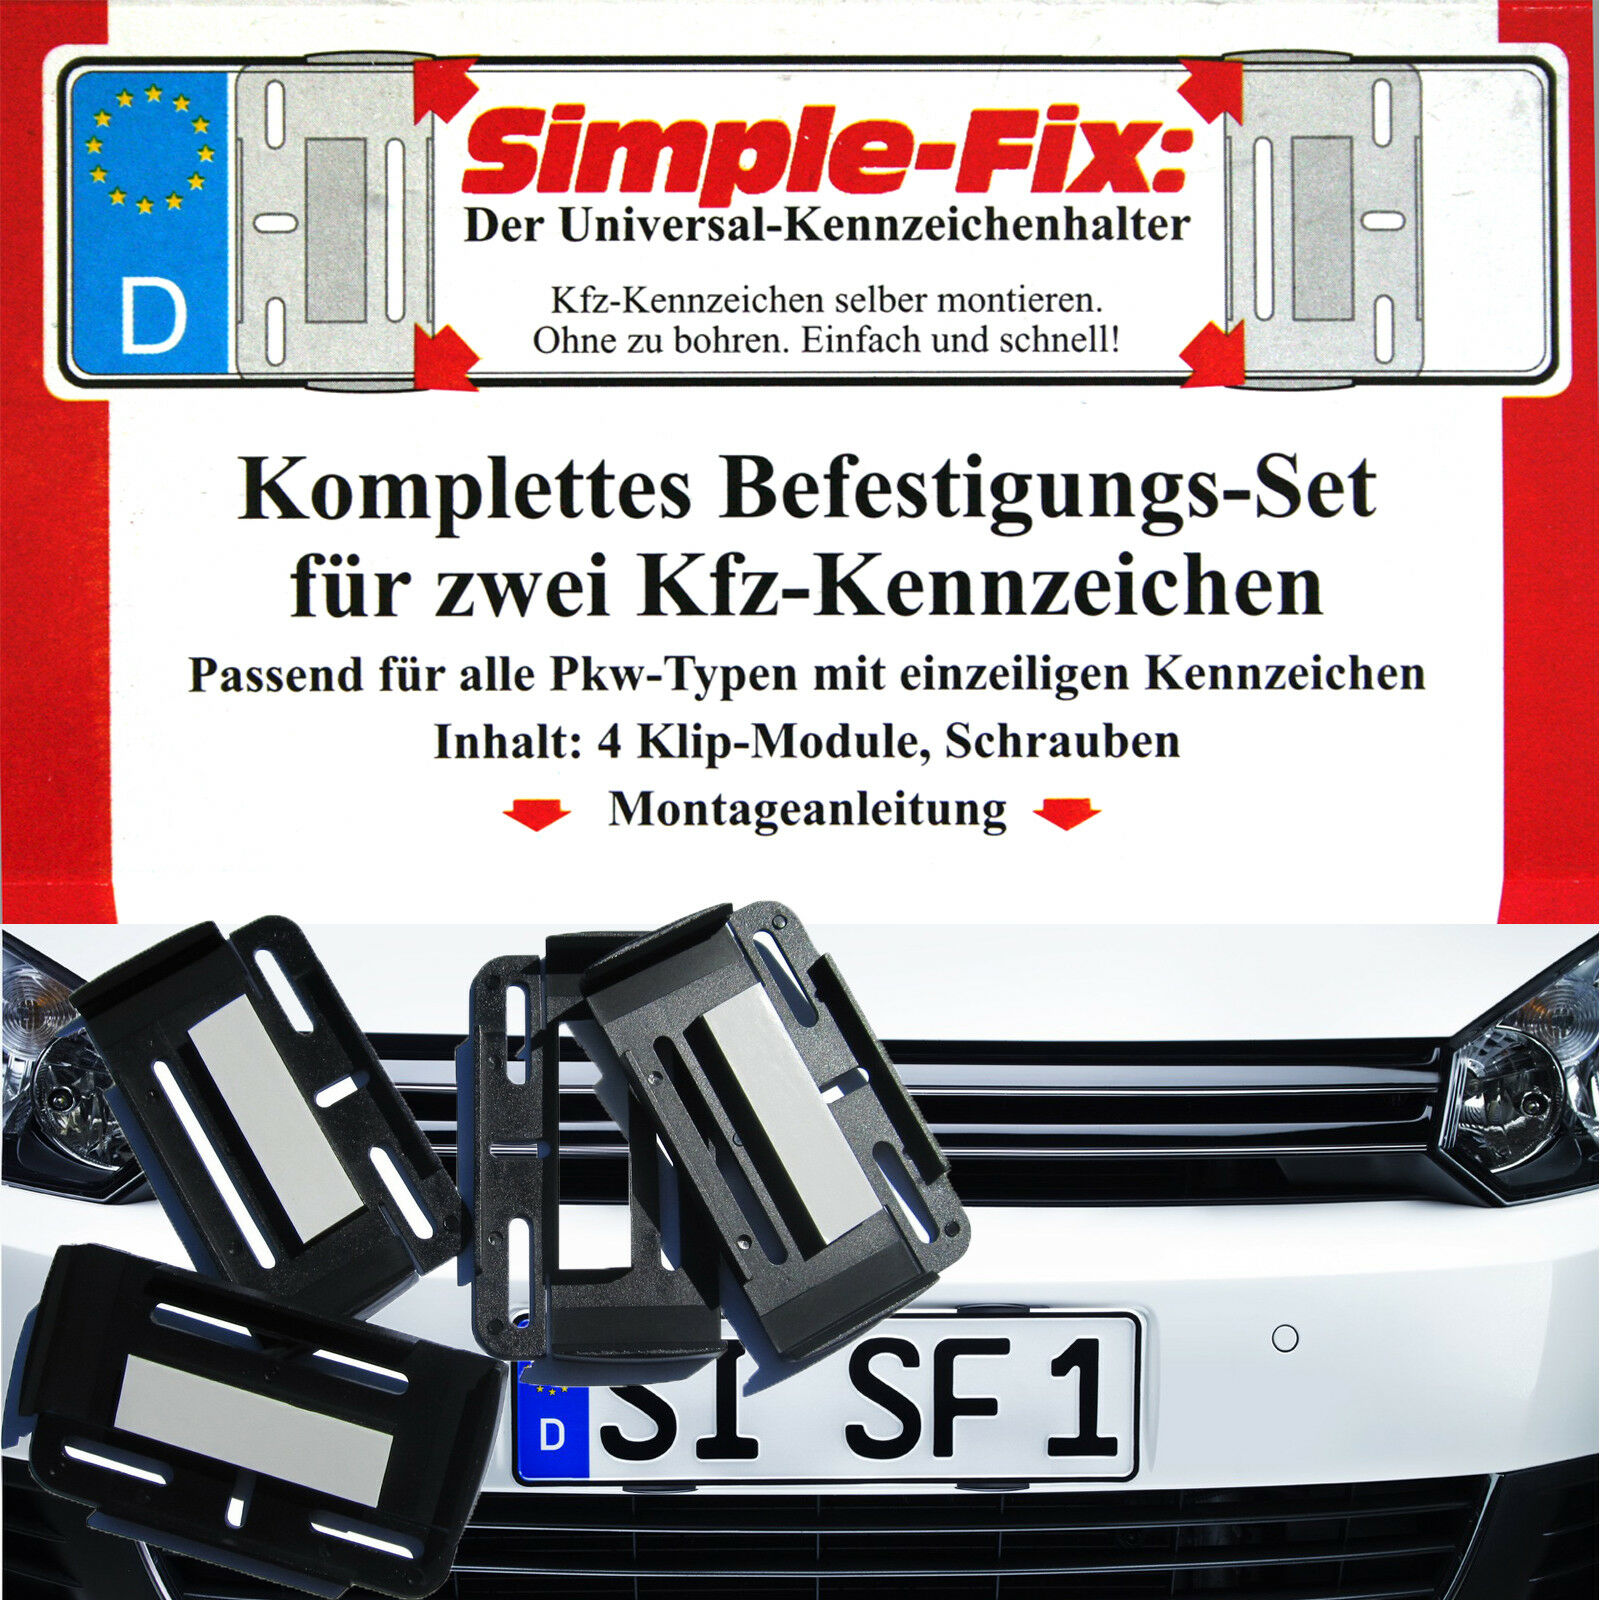 Kennzeichenhalter Simple fix 2er-set | eBay